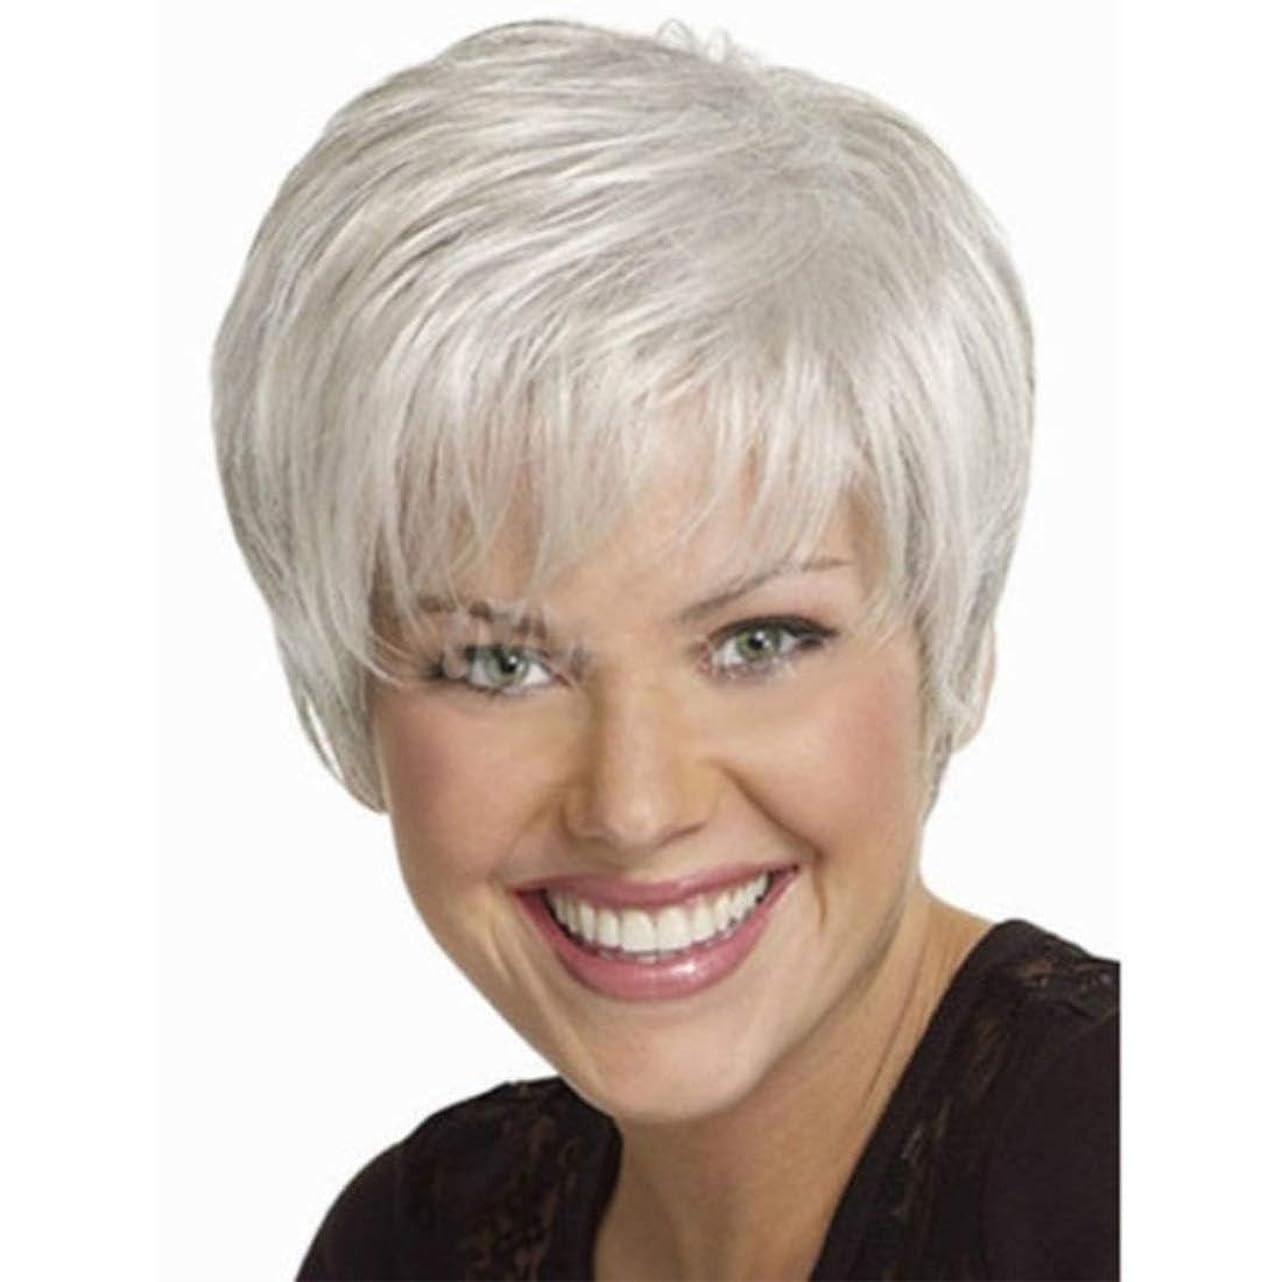 挑む送信する気をつけてSummerys ショートヘアウィッグショートストレート人工毛フルウィッグ自然に見える高温ワイヤーウィッグ女性用